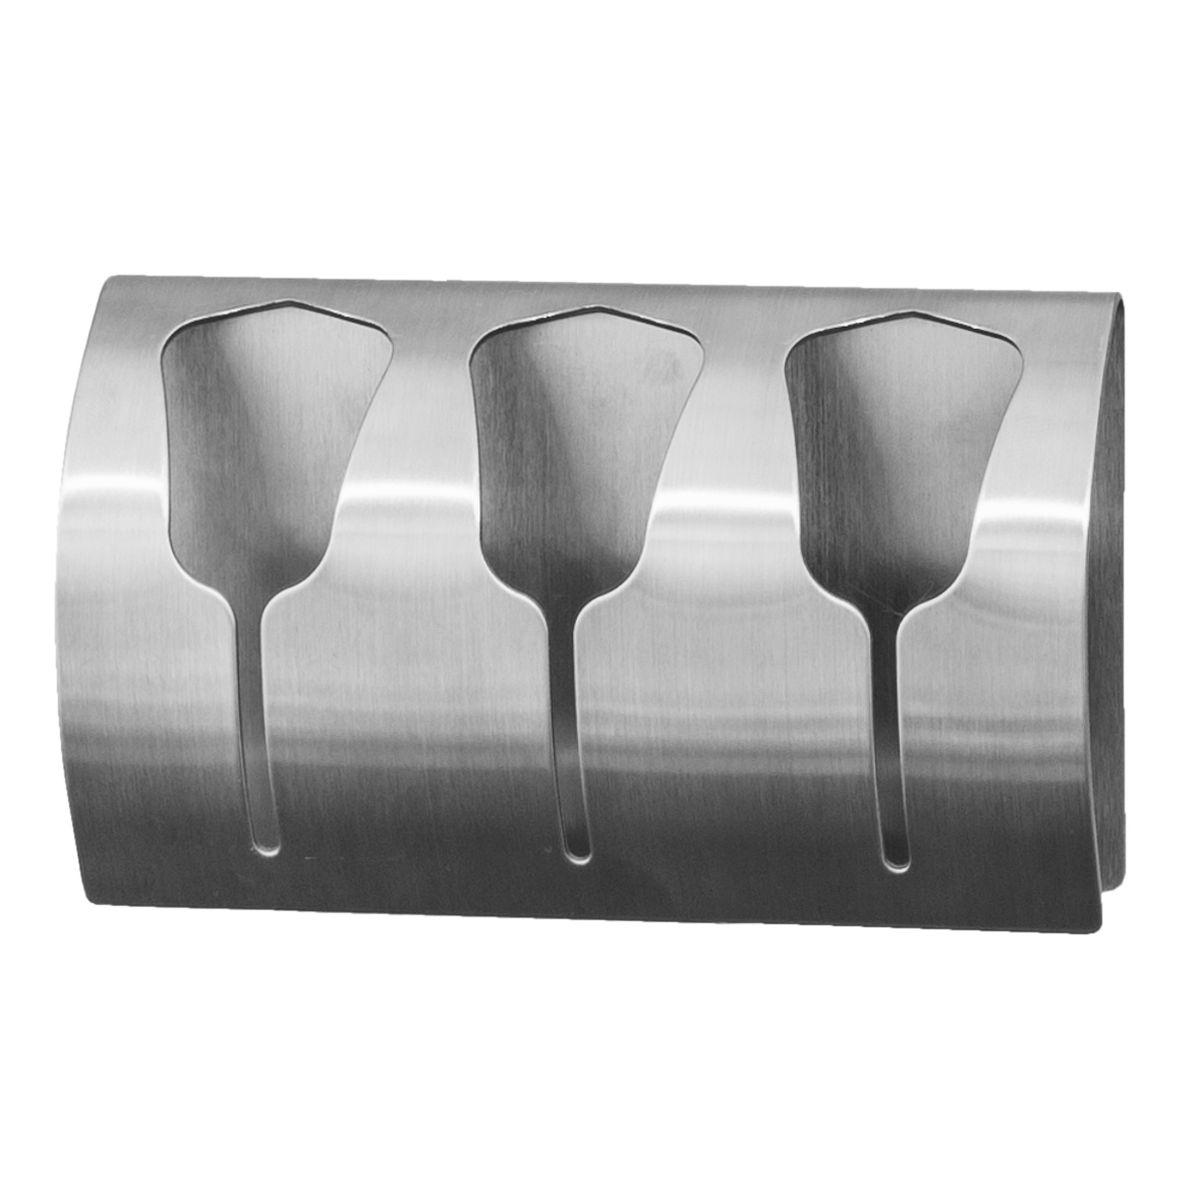 Вешалка Tatkraft Bell, самоклеющаяся, для 3 полотенец20153Tatkraft Bell Самоклеющаяся вешалка для 3 полотенец из нержавеющей стали, не боится влаги, удобна в использовании. Легкая установка (инструкция на упаковке), надежный клеевой слой, выдерживает вес до 10 кг. Упаковка: блистер.